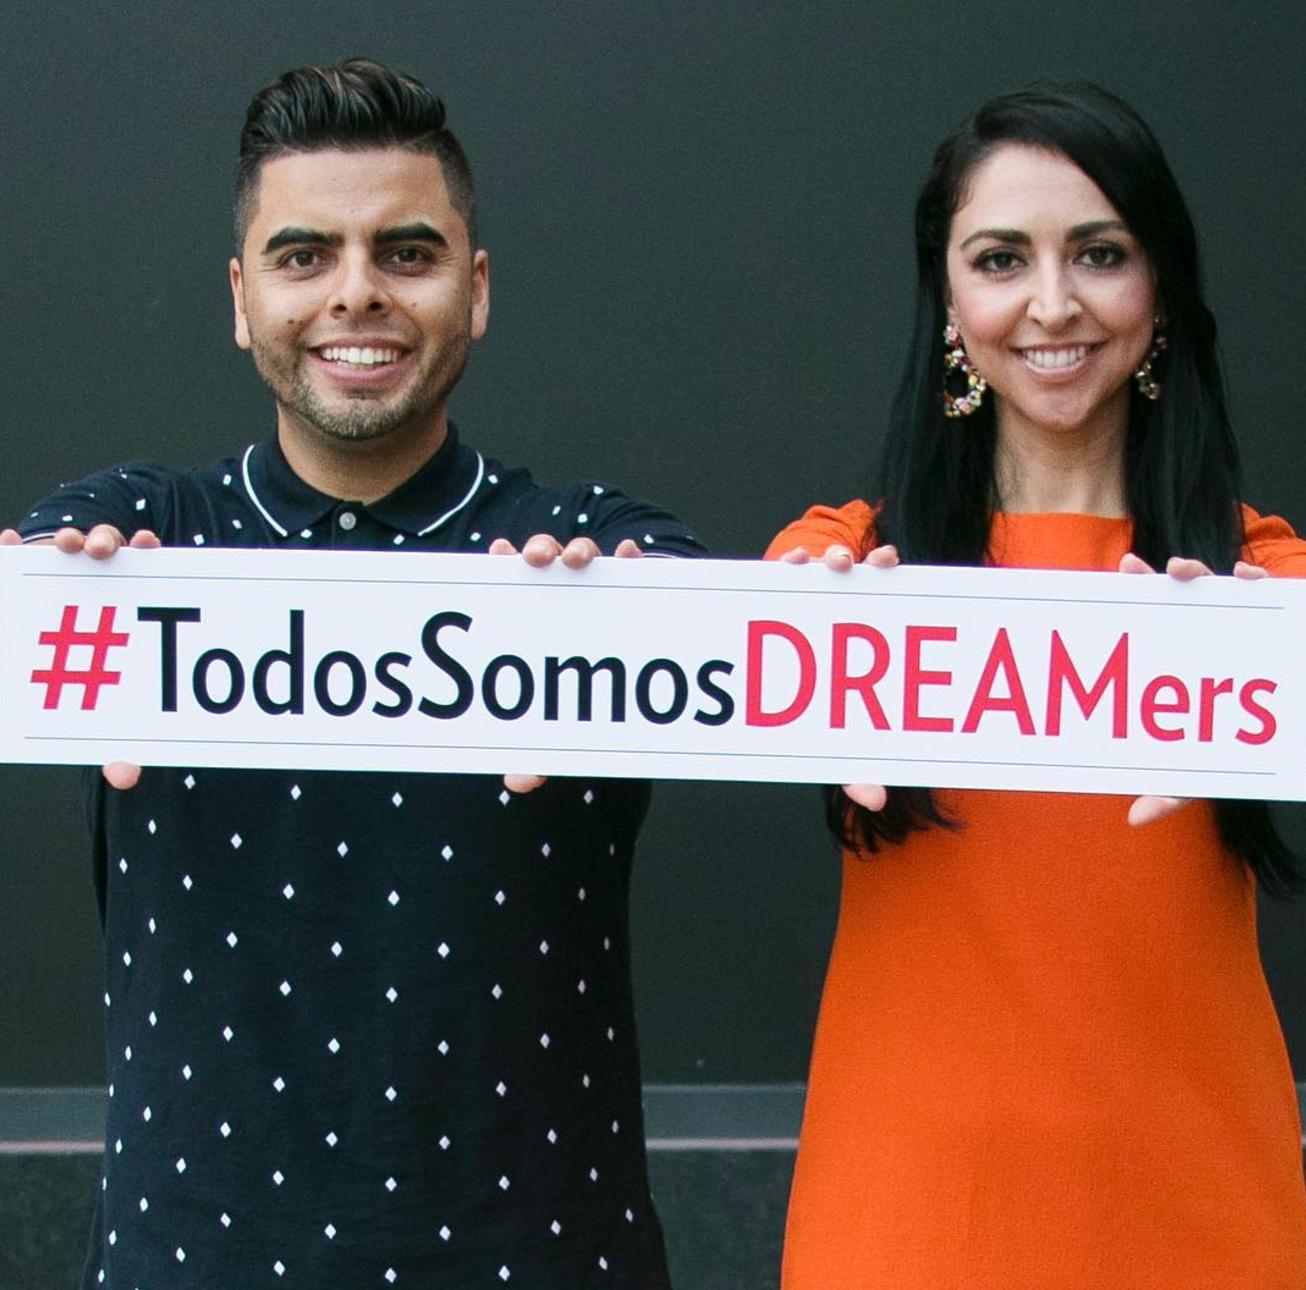 Todos somos dreamers 9